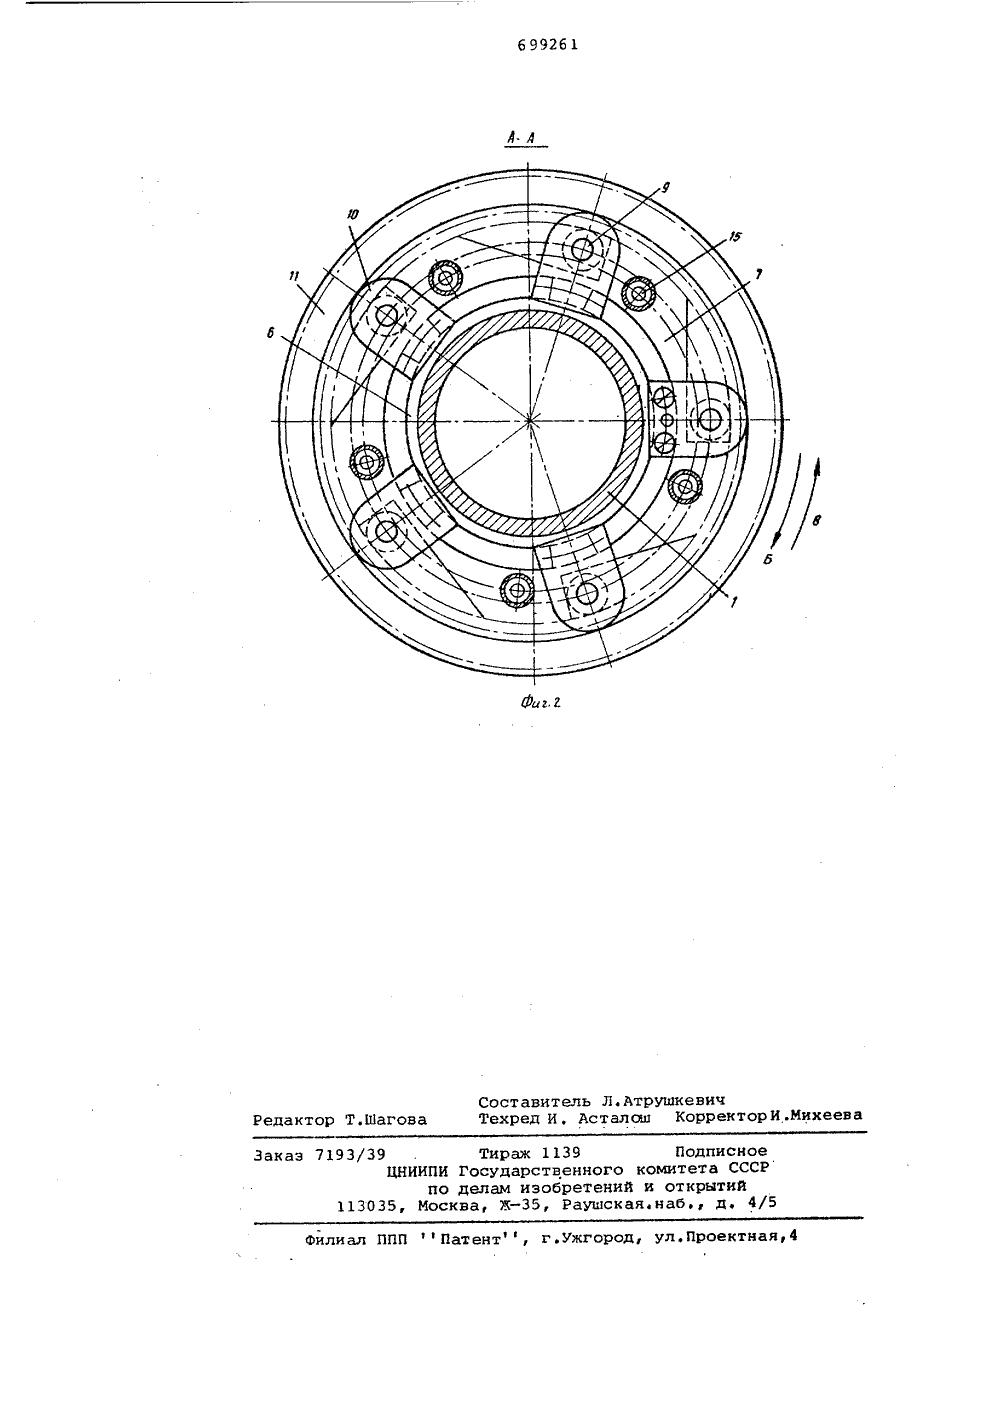 Филиал ППП Патент, r.Óærîðoä, ул.Проектная,4. ЦНИИПИ Государственного комит